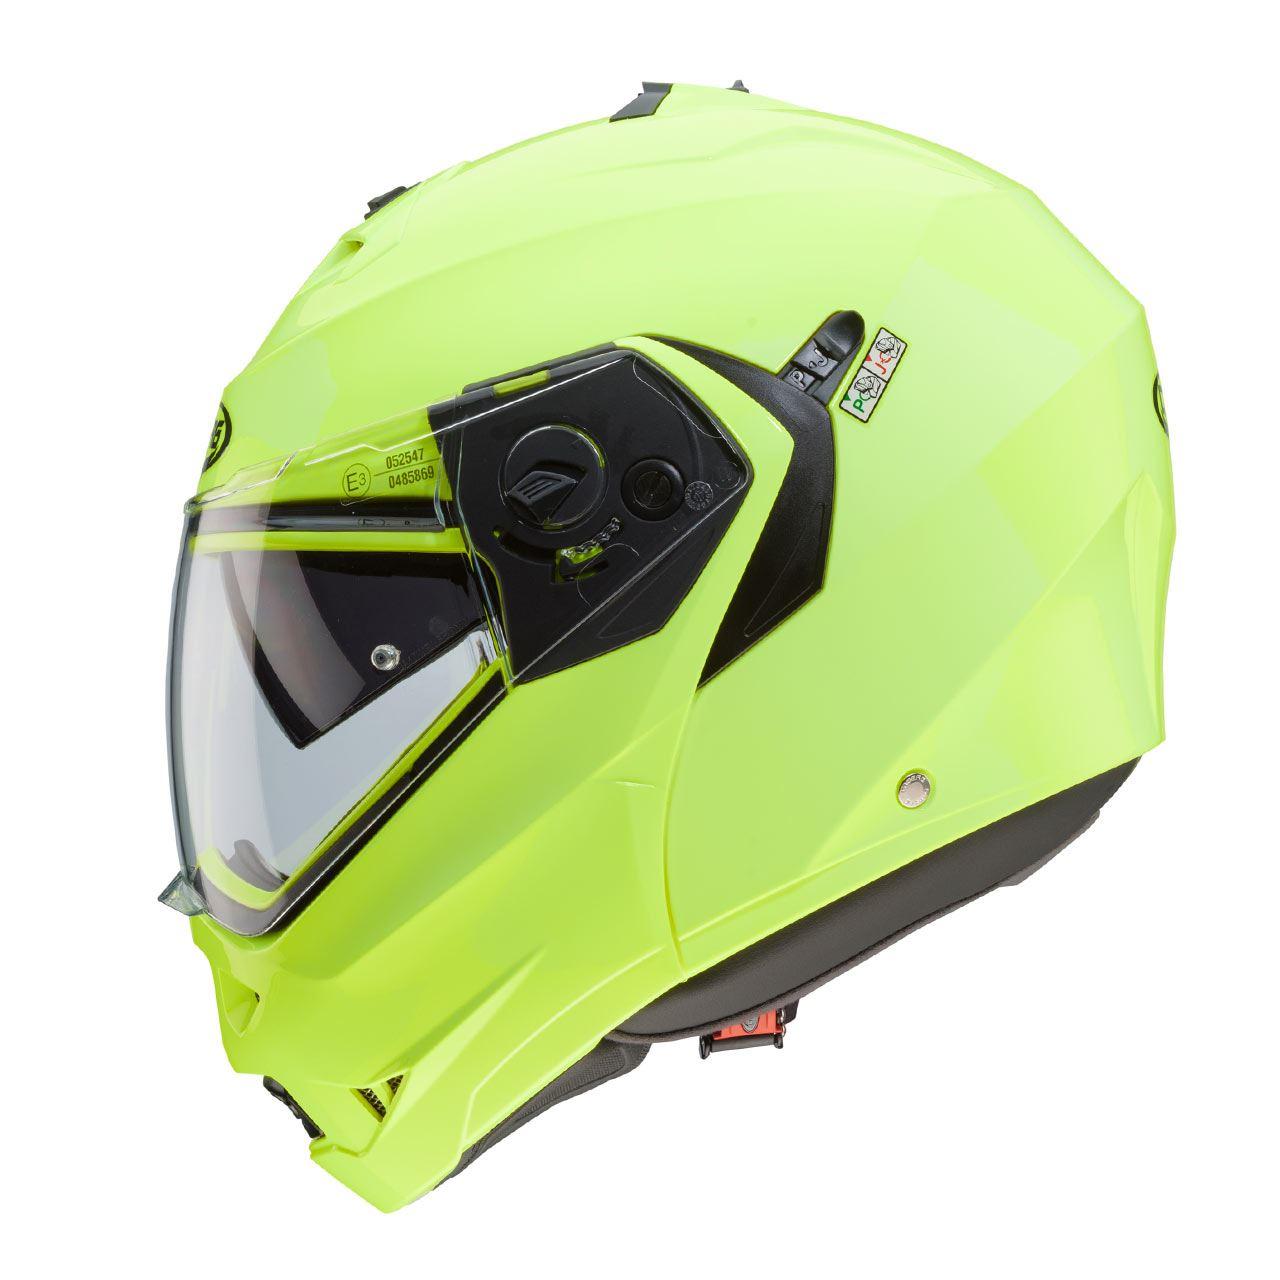 Caberg-Duke-II-Flip-Front-Motorcycle-Helmet-Modular-Bike-Sun-Visor-amp-Pinlock thumbnail 32